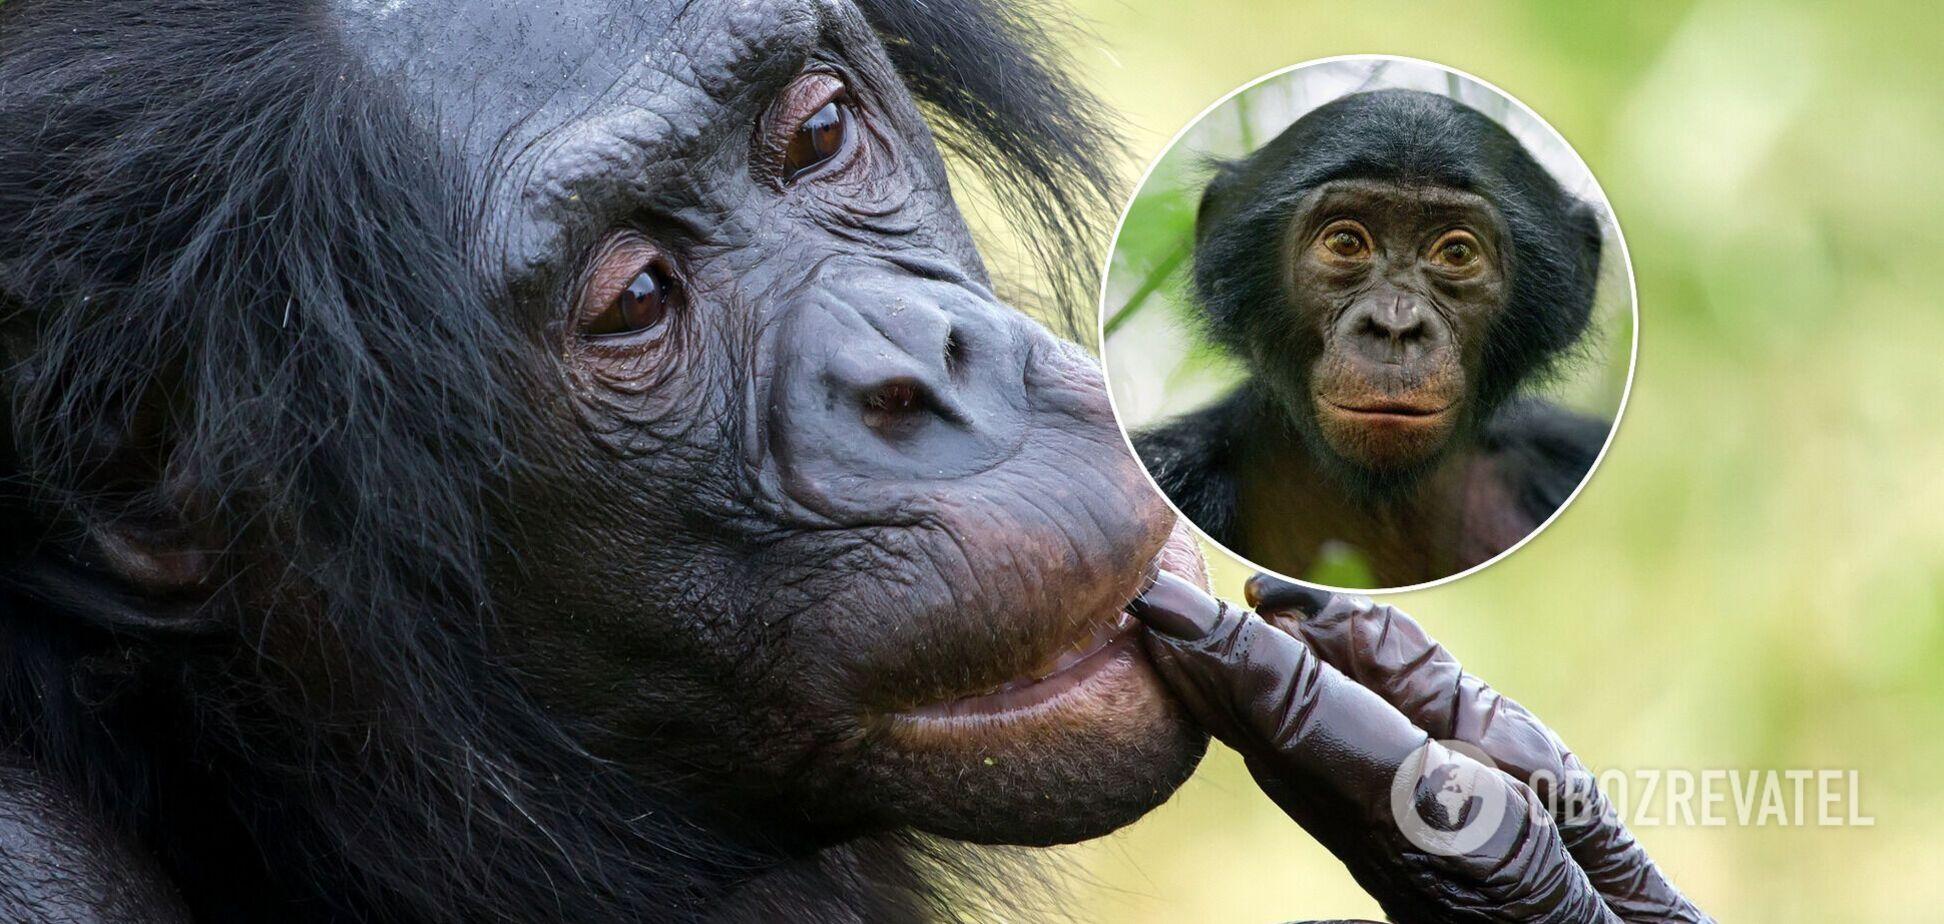 Обезьяны занялись оральным сексом в нью-йоркском зоопарке на глазах у детей. Видео 18+